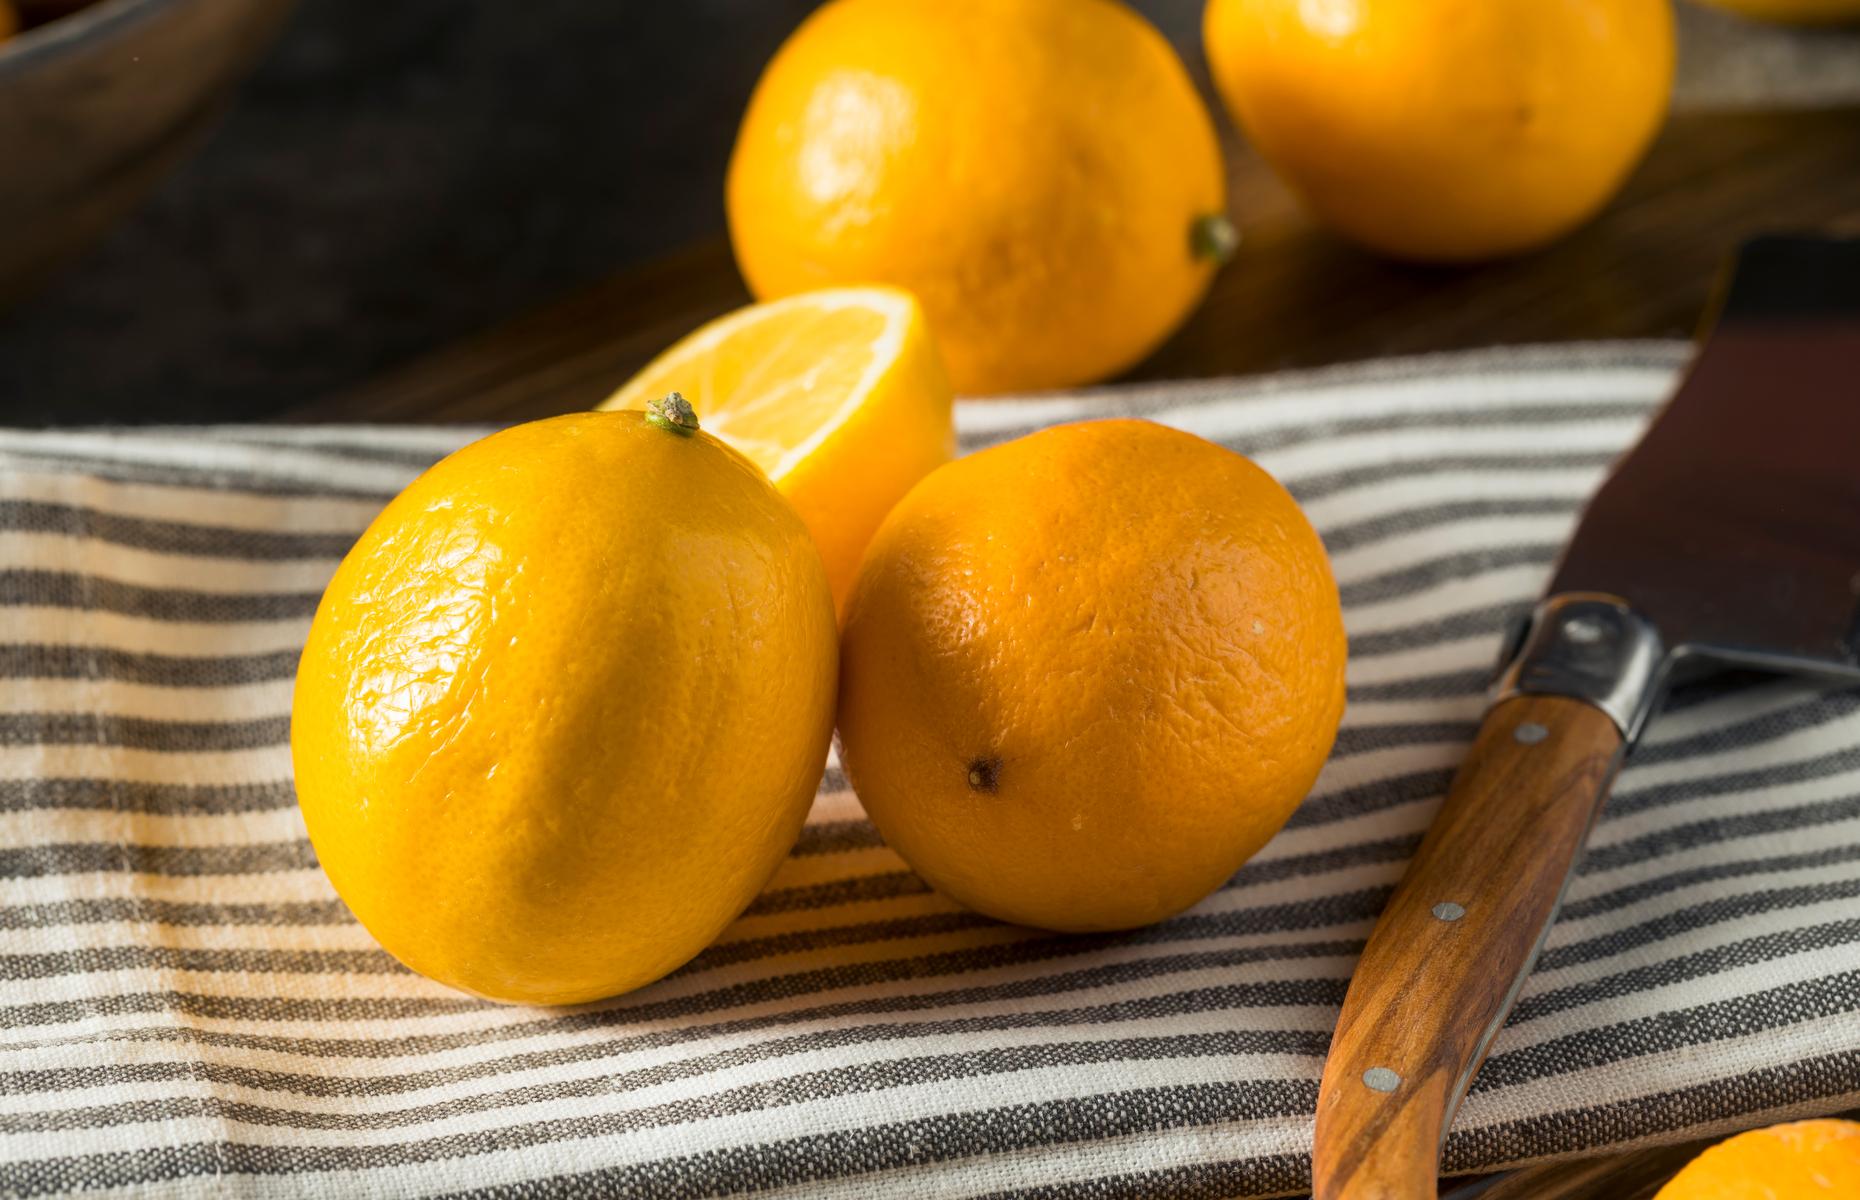 Meyer lemon (Image: Brent Hofacker/Shutterstock)